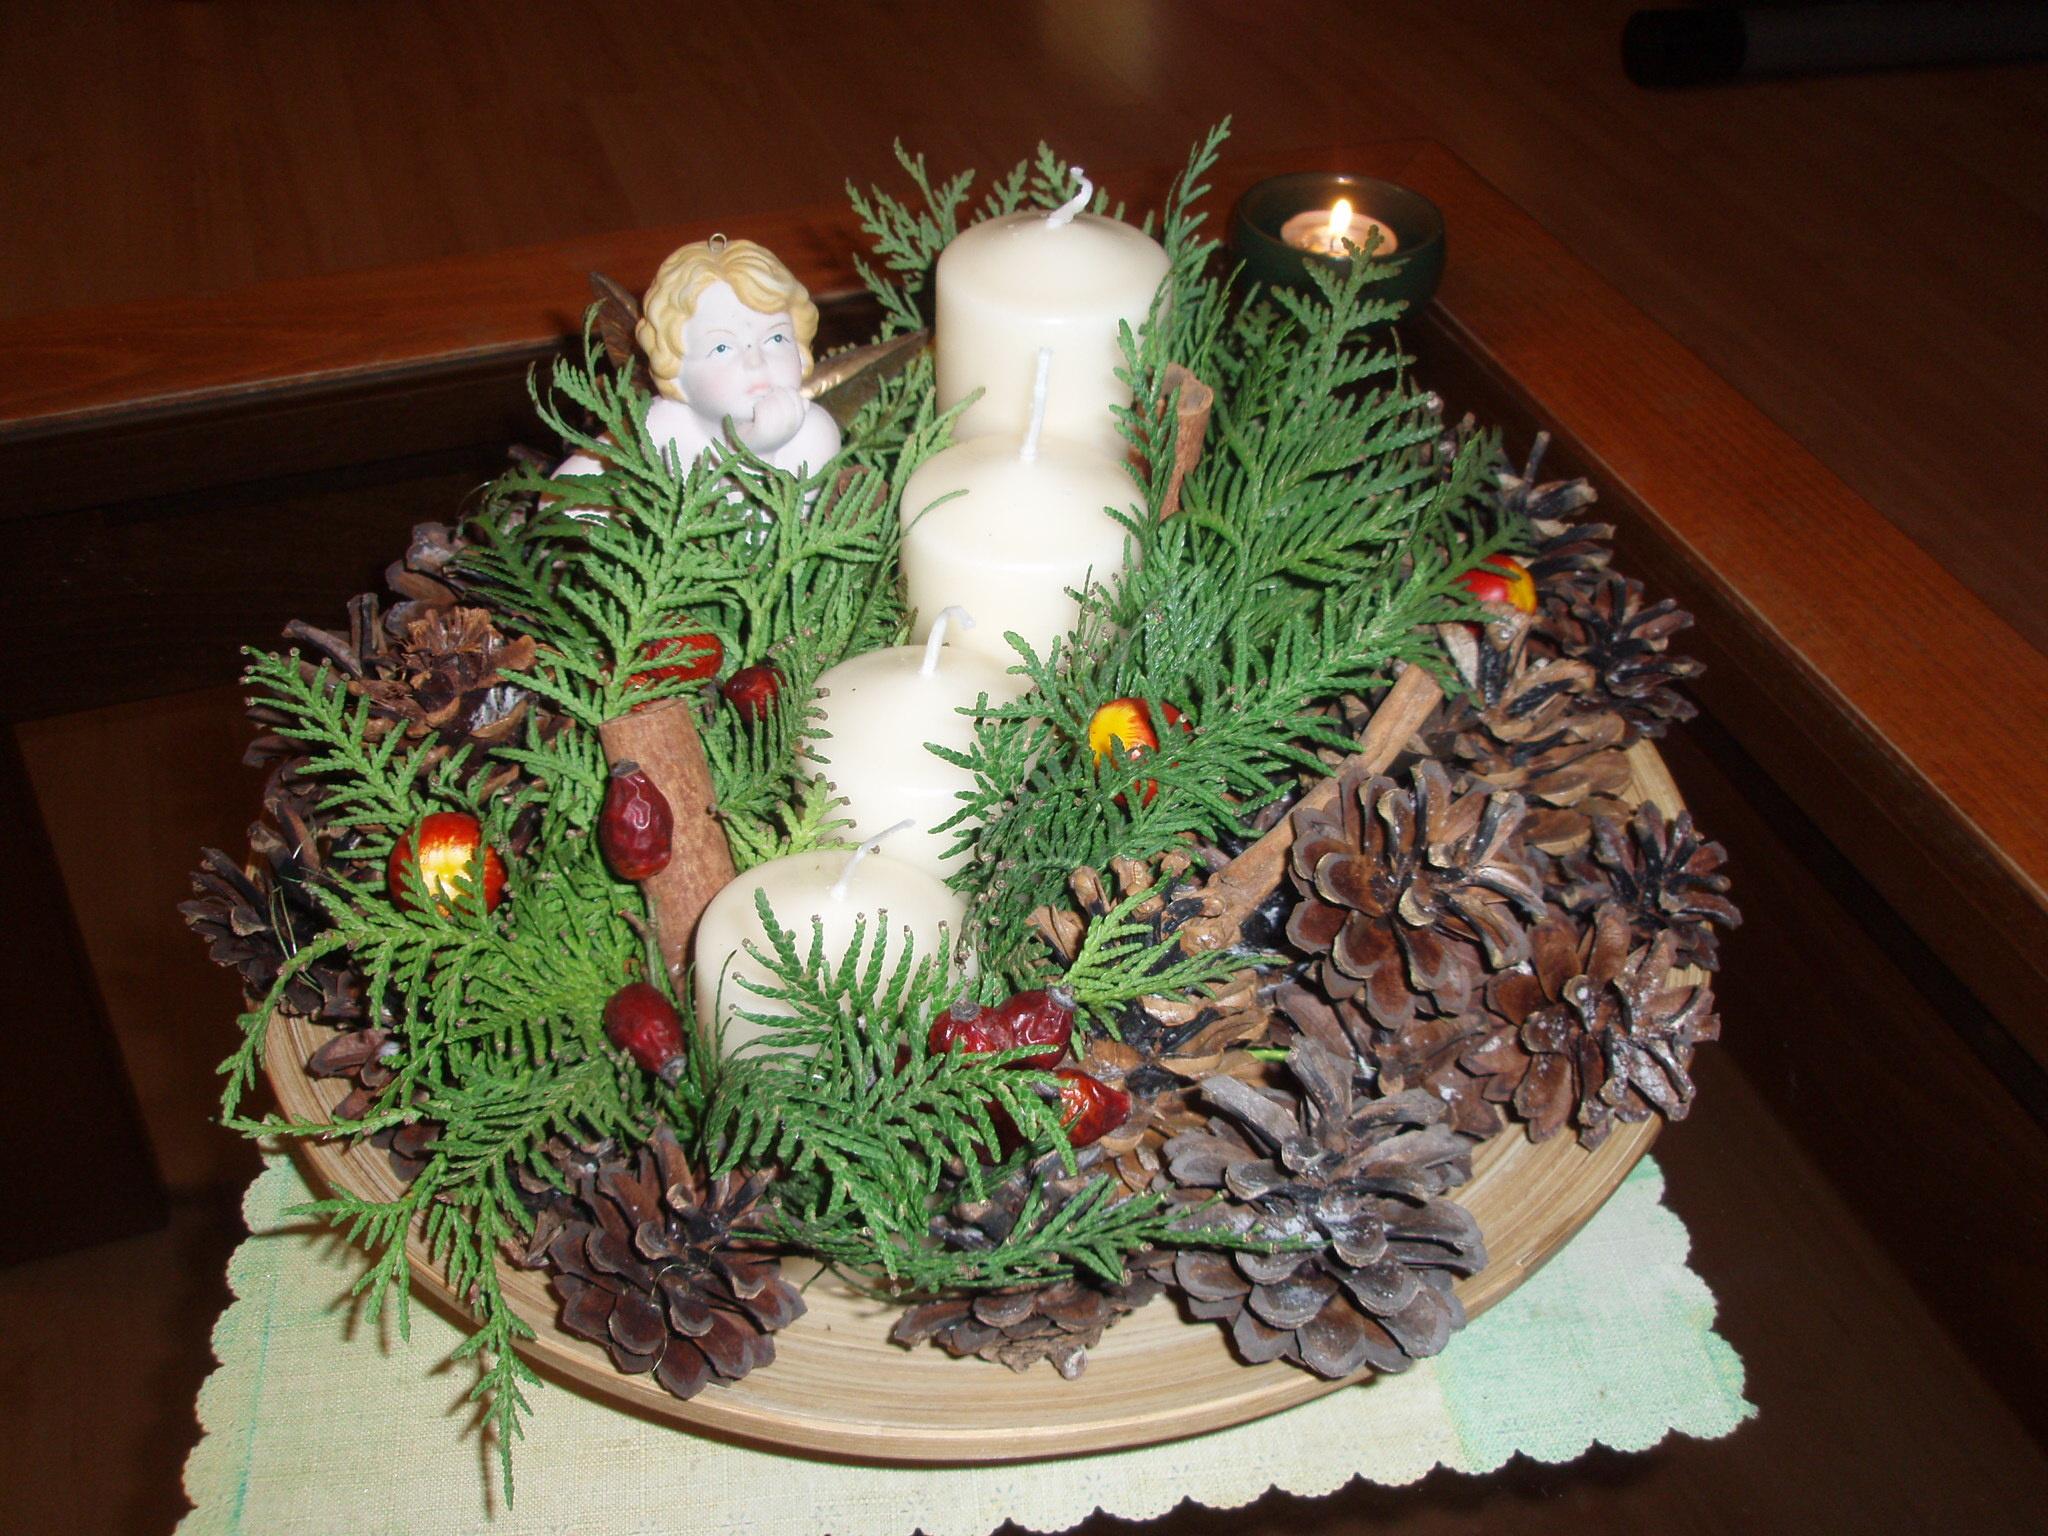 Vianoce sa blížia, a tak prinášame ako inšpiráciu aj adventný veniec, ktorý vyrobila čitateľka Slávka.